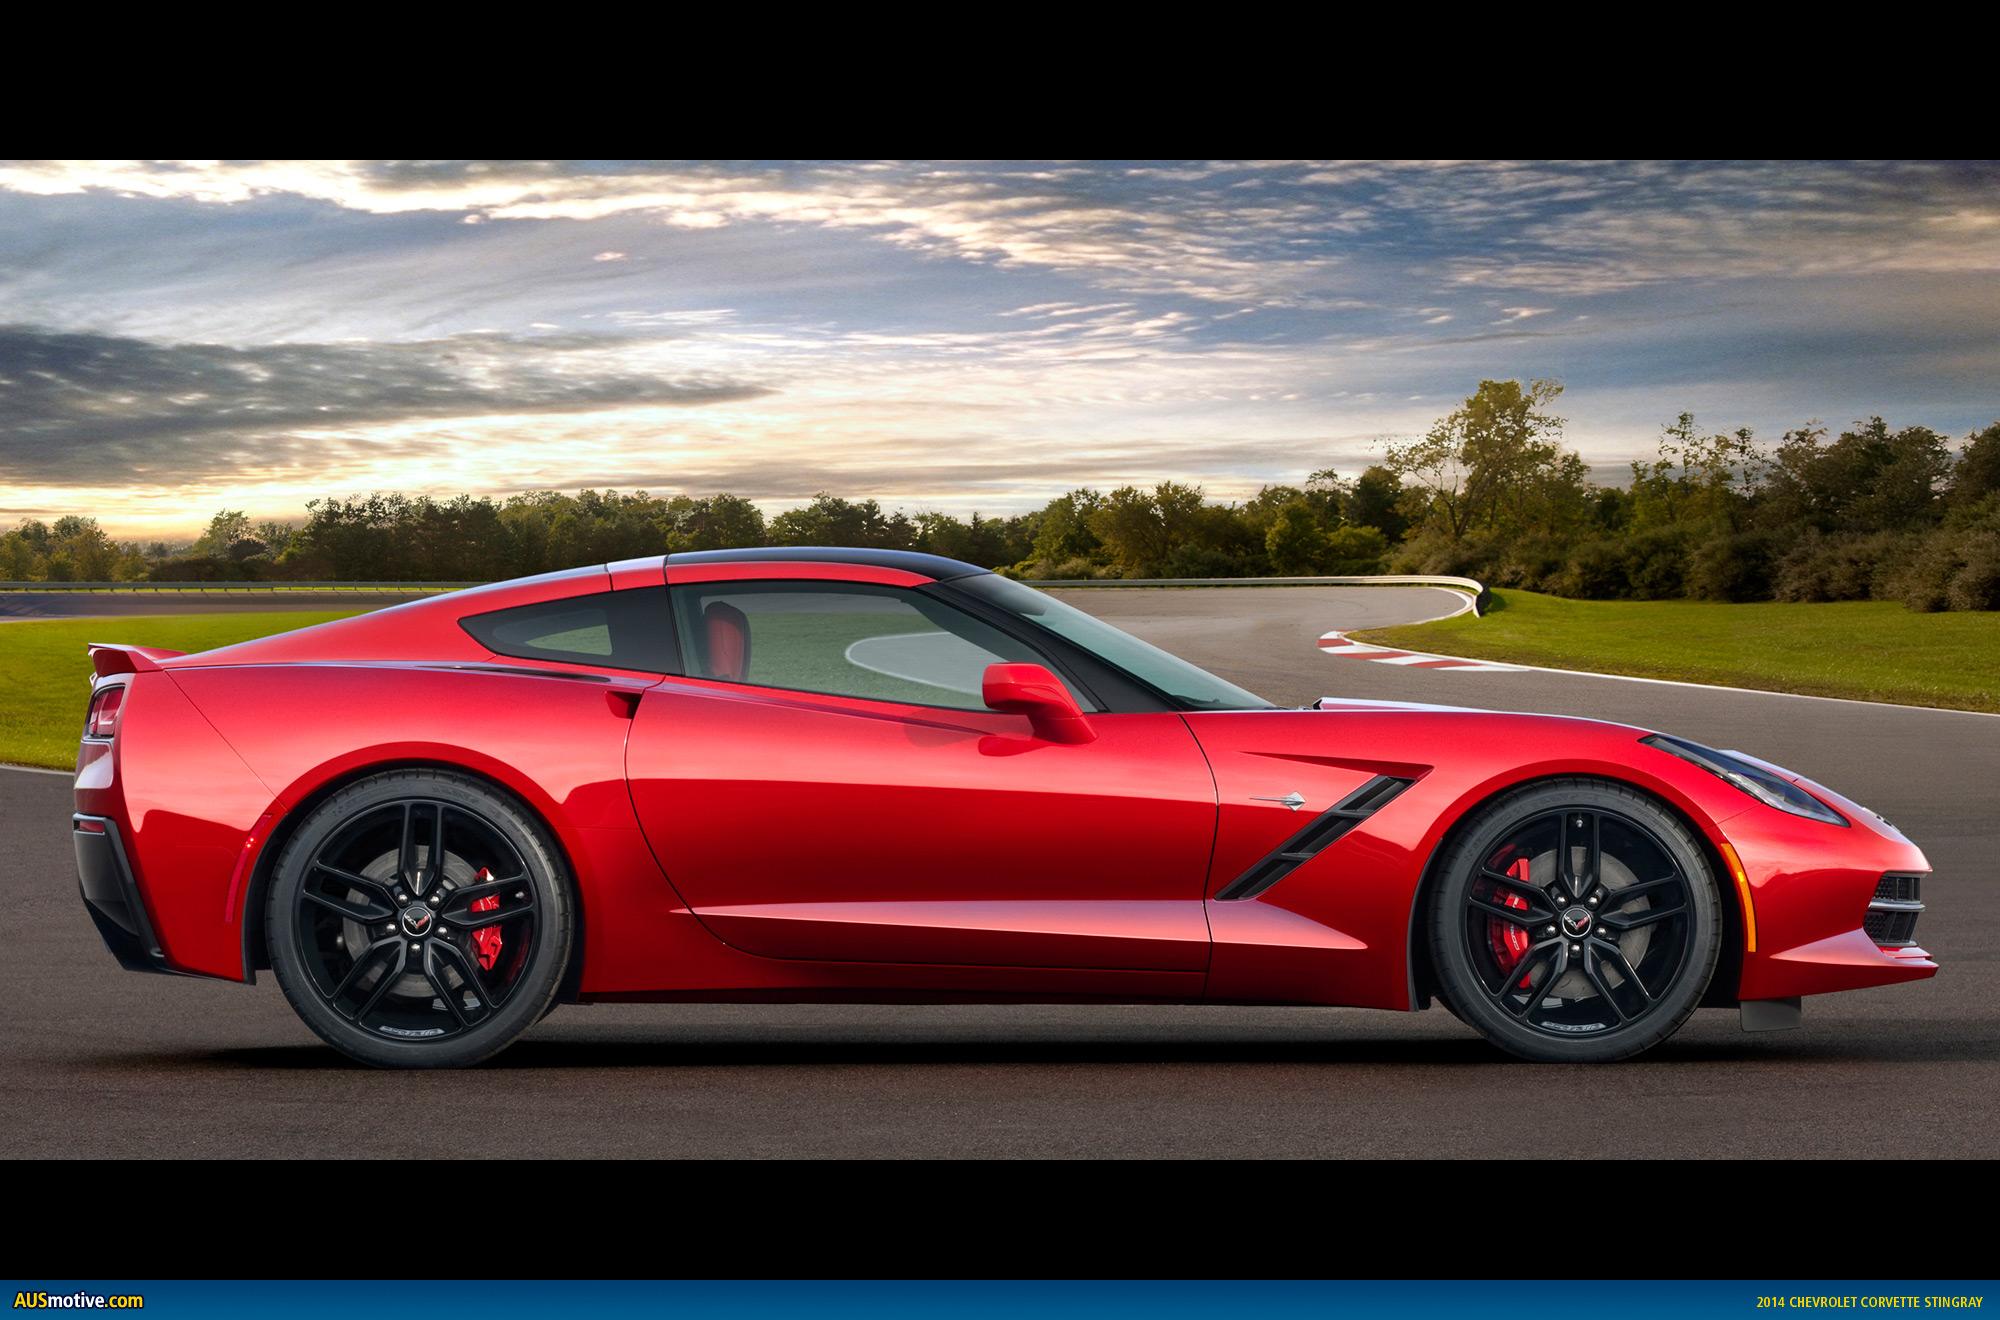 detroit 2013 chevrolet corvette stingray. Cars Review. Best American Auto & Cars Review